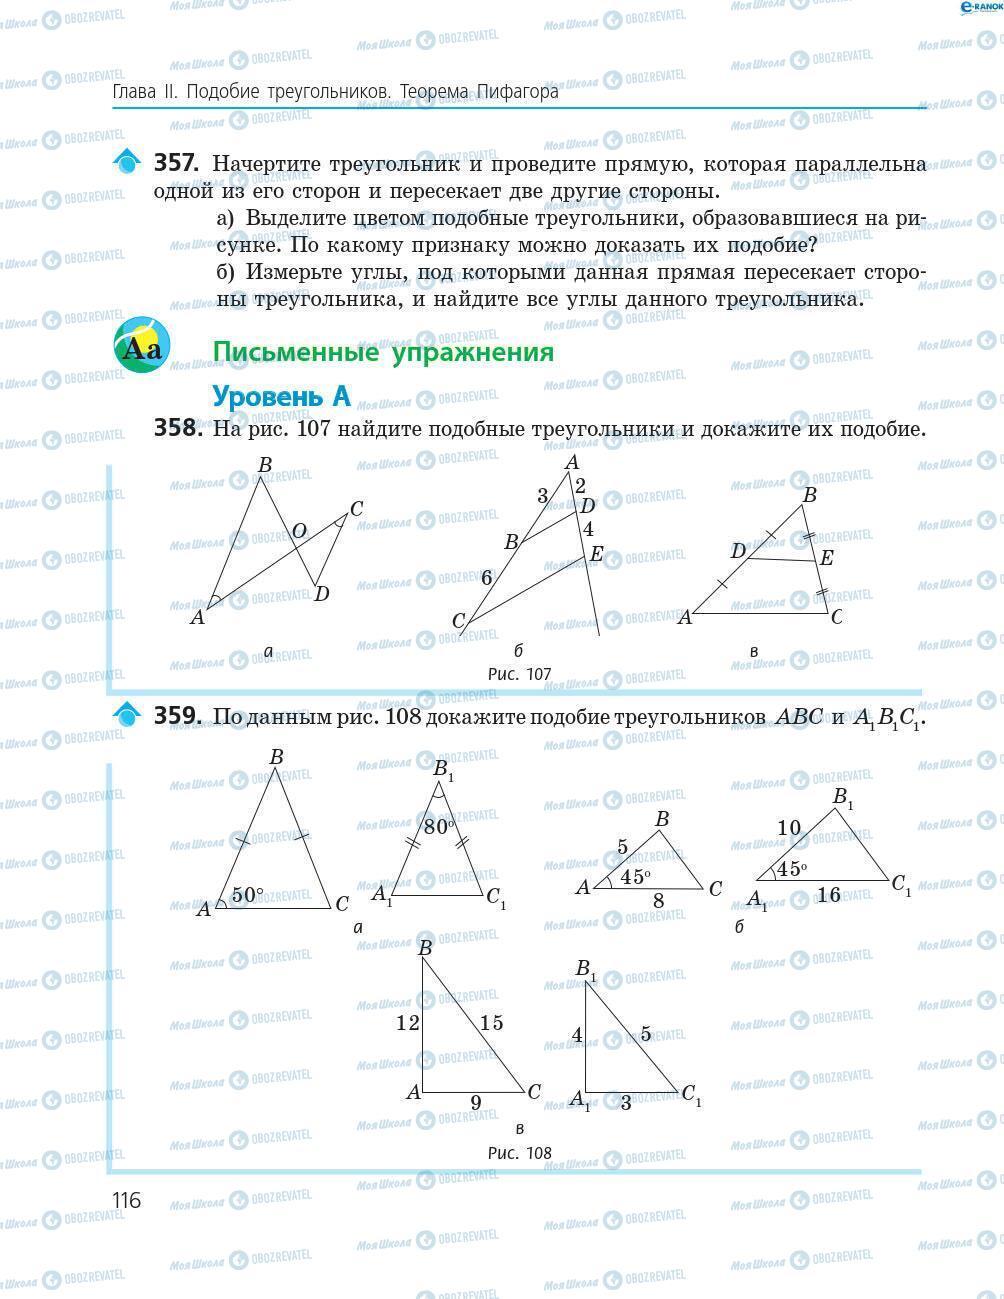 Підручники Геометрія 8 клас сторінка 116